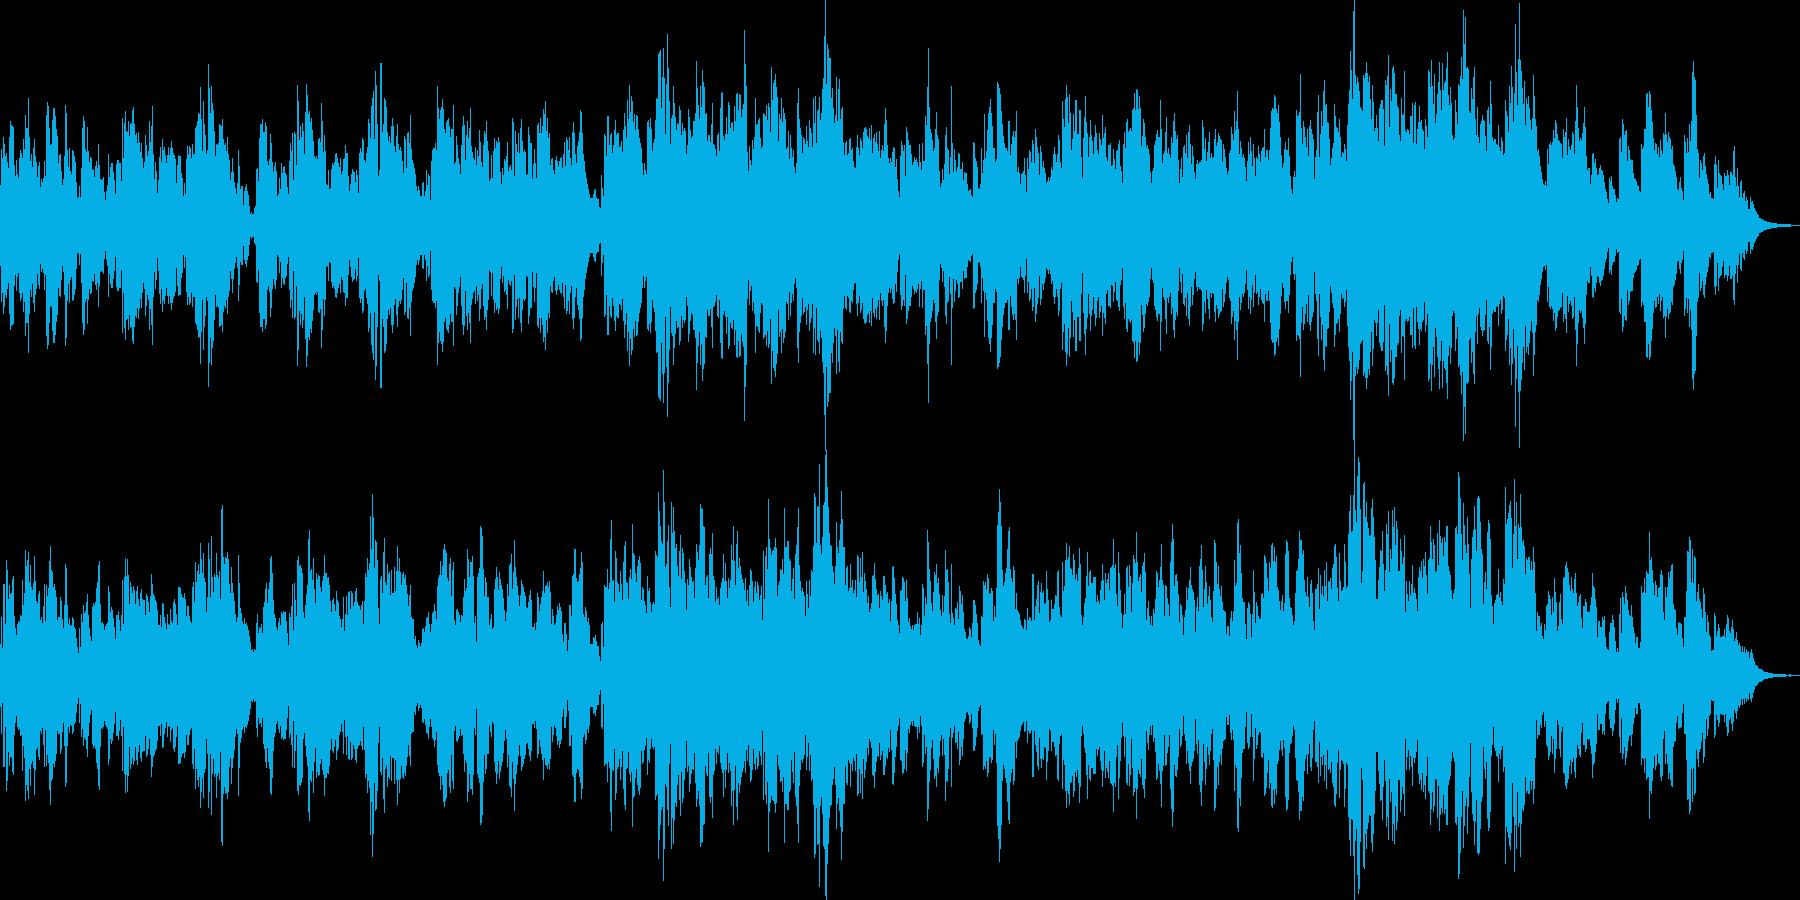 オルゴール風のやさしいバラードです。の再生済みの波形